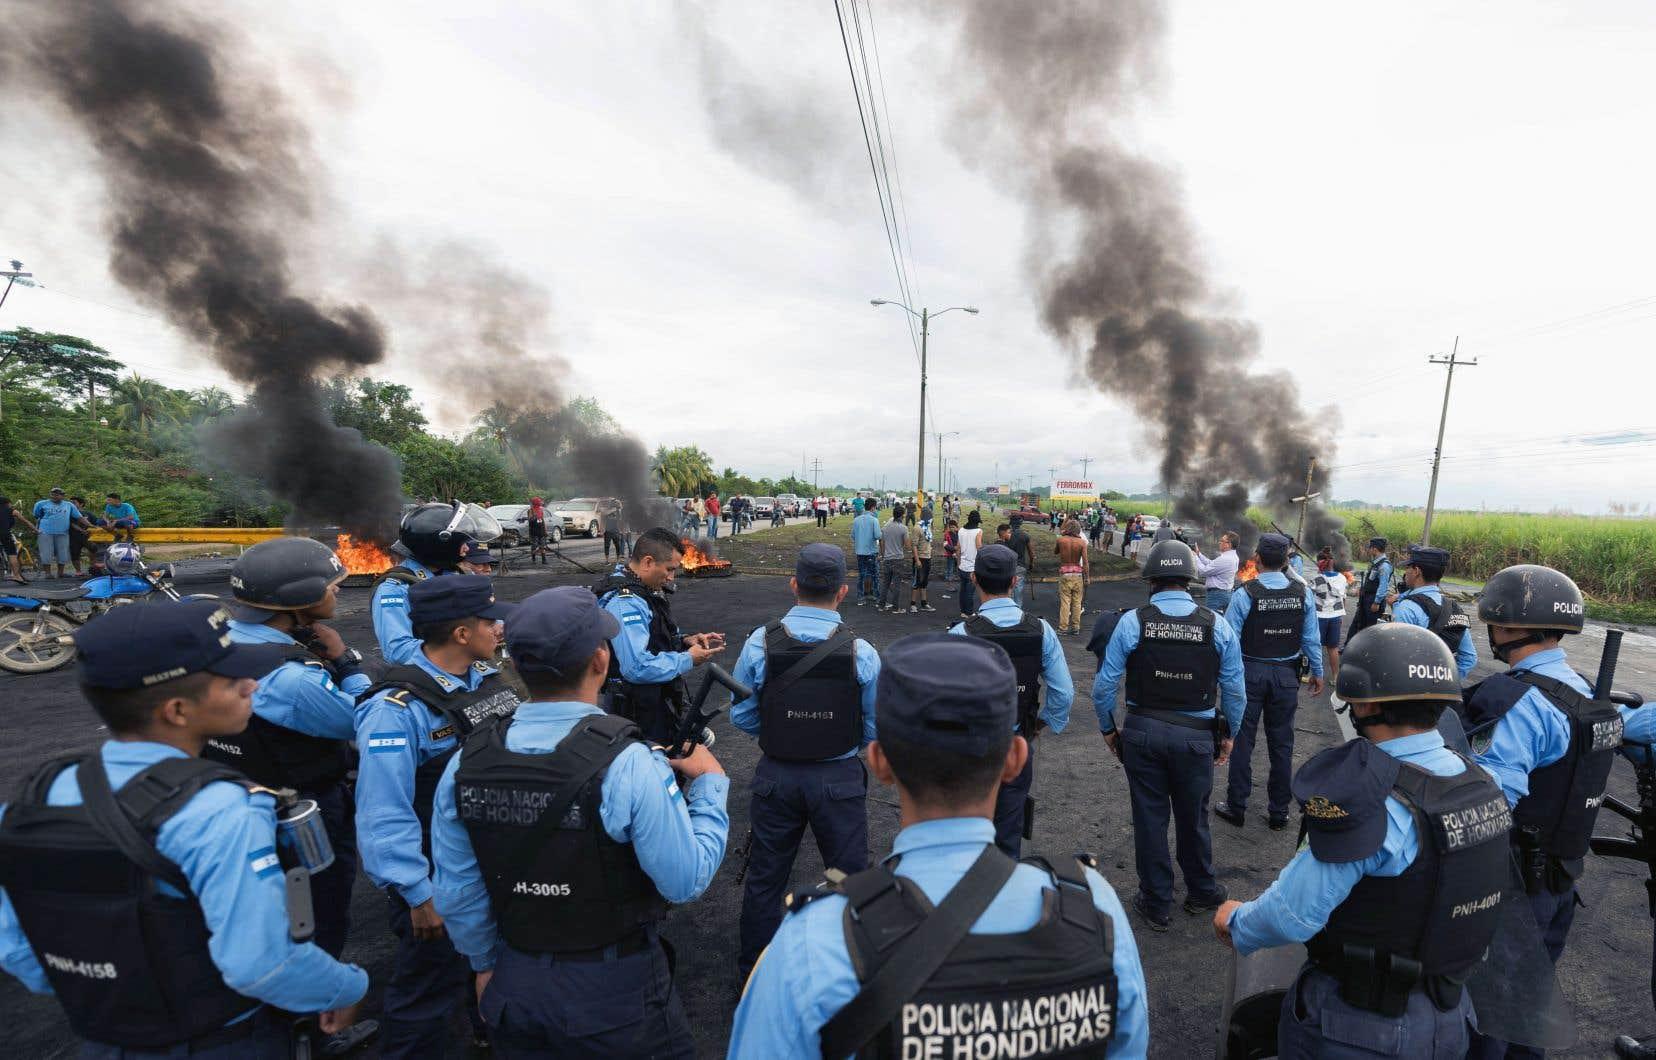 Un président sortant candidat malgré la Constitution, un dépouillement très lent, des accusations de fraude: au Honduras, ce cocktail explique les manifestations de violence, alors que la présidentielle du 26 novembre n'a toujours pas de vainqueur officiel.